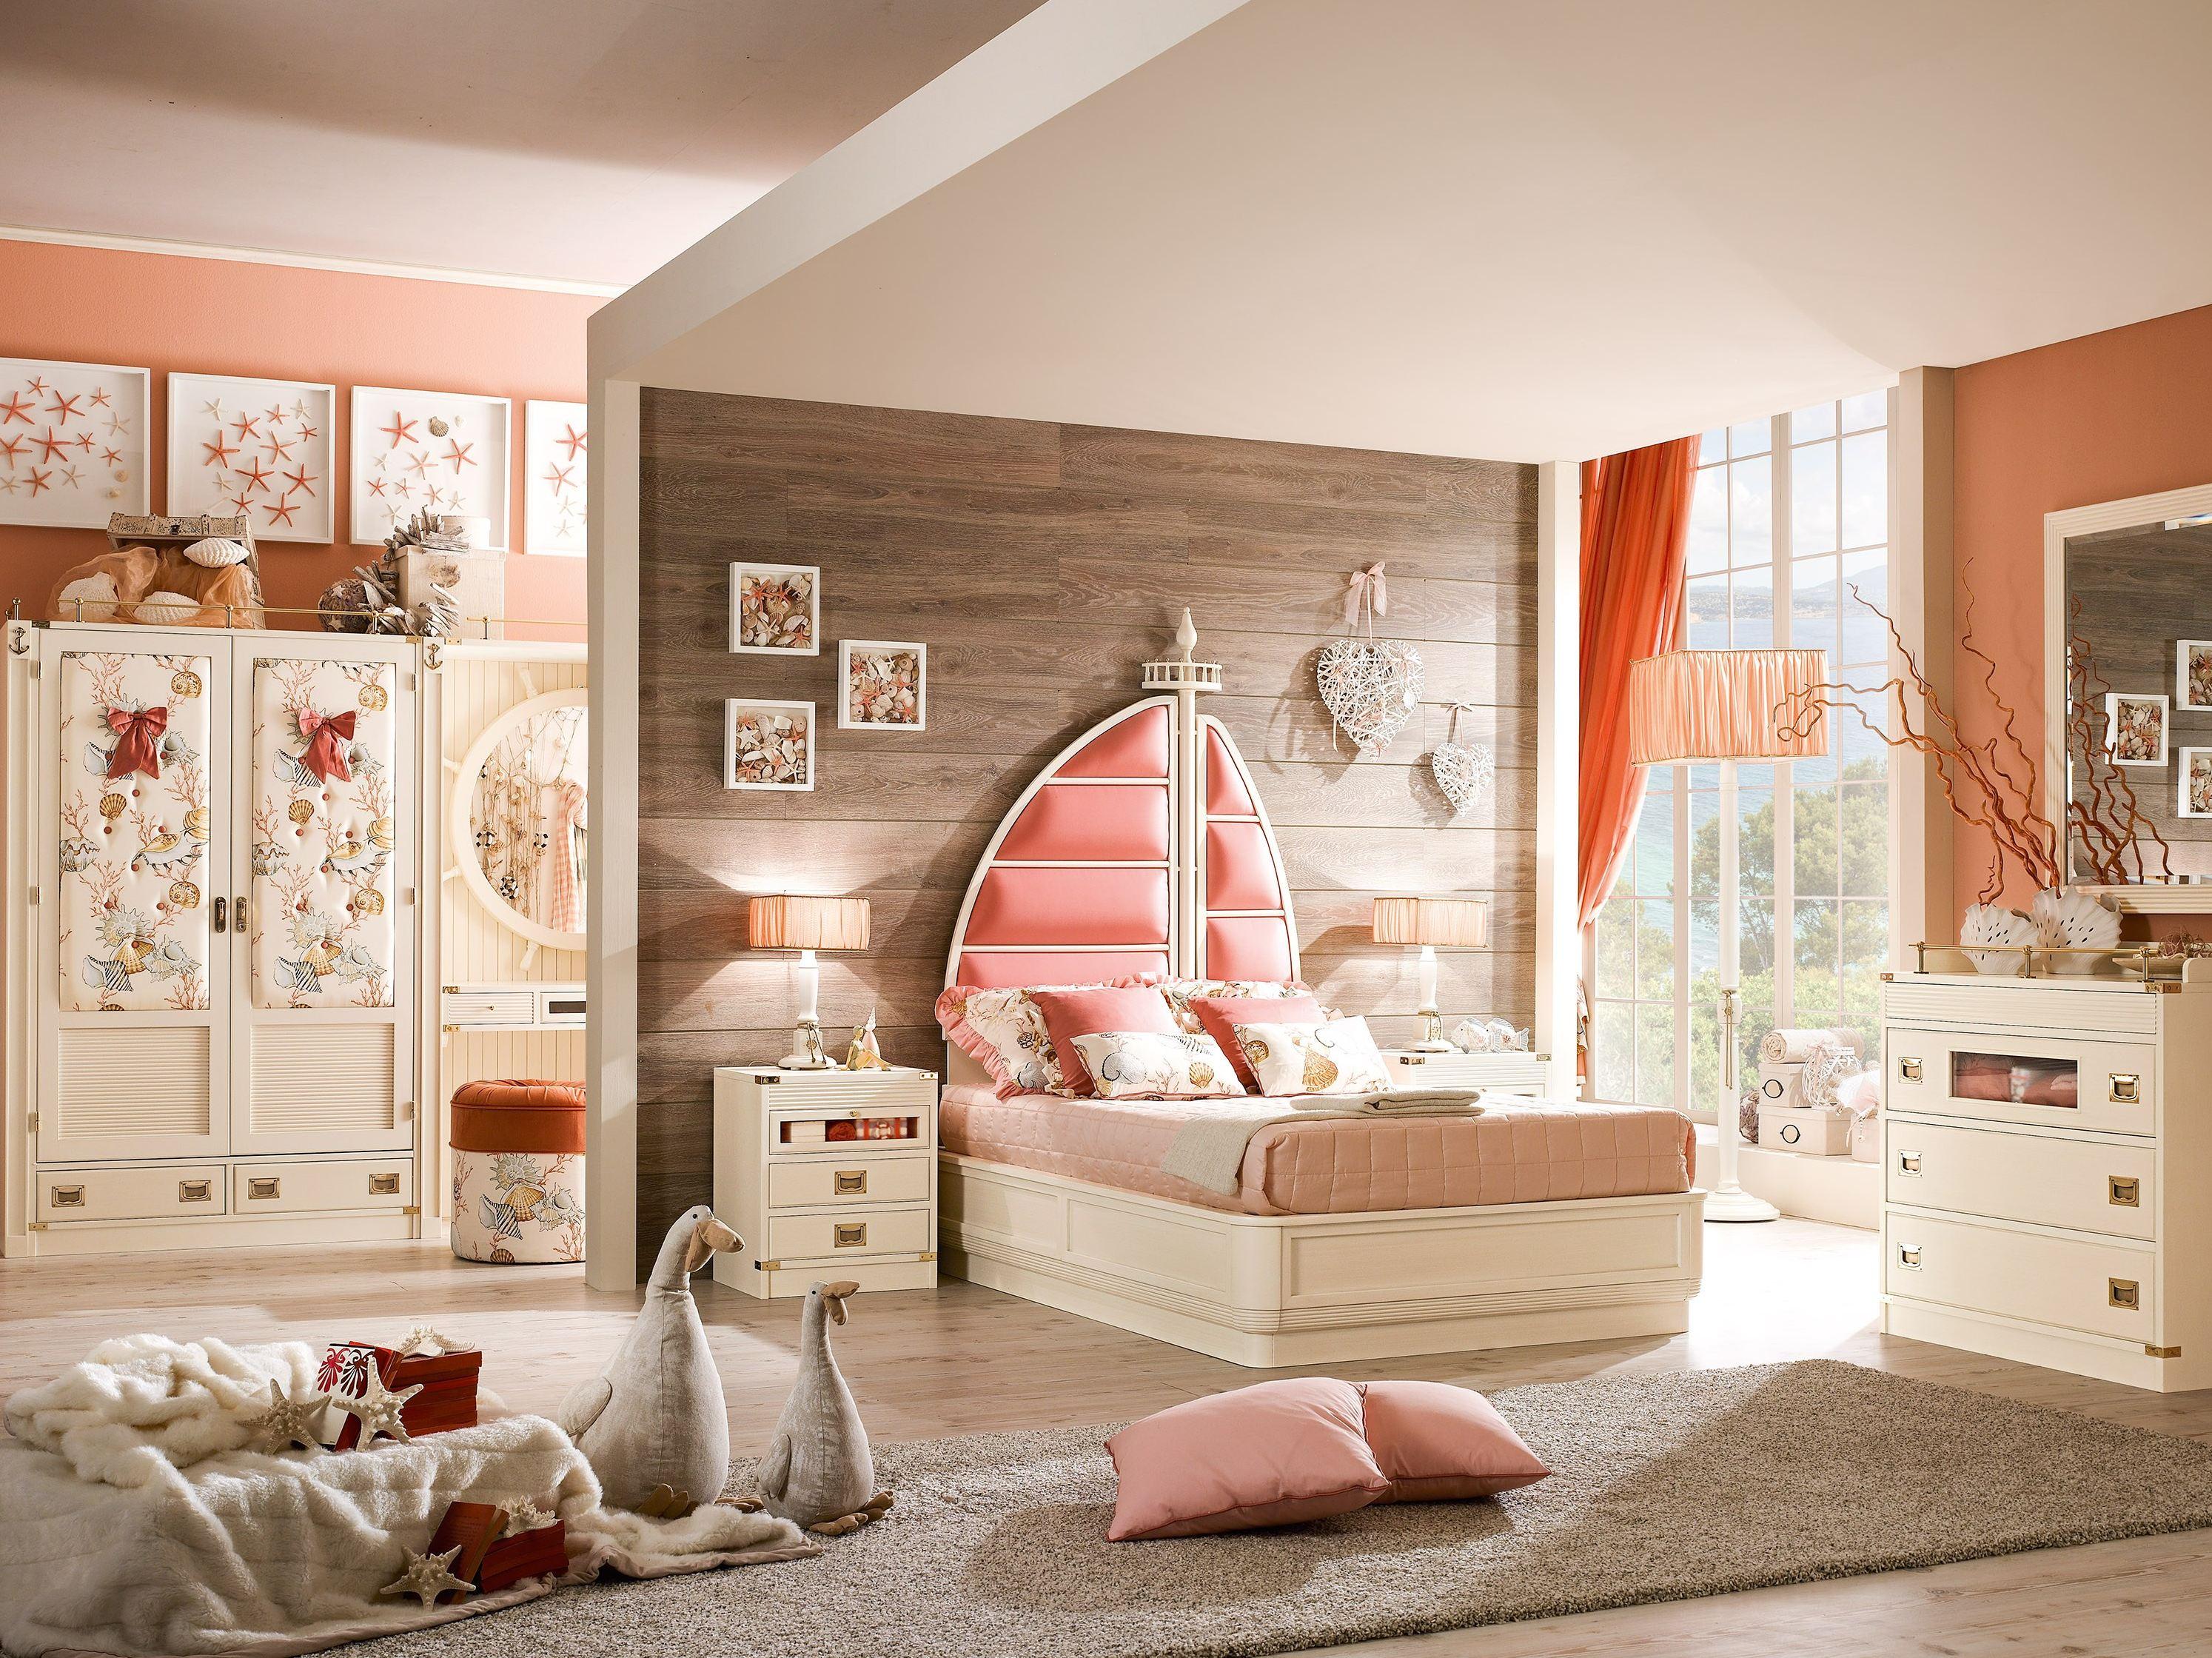 Как выполнить зонирование детской комнаты правильно?